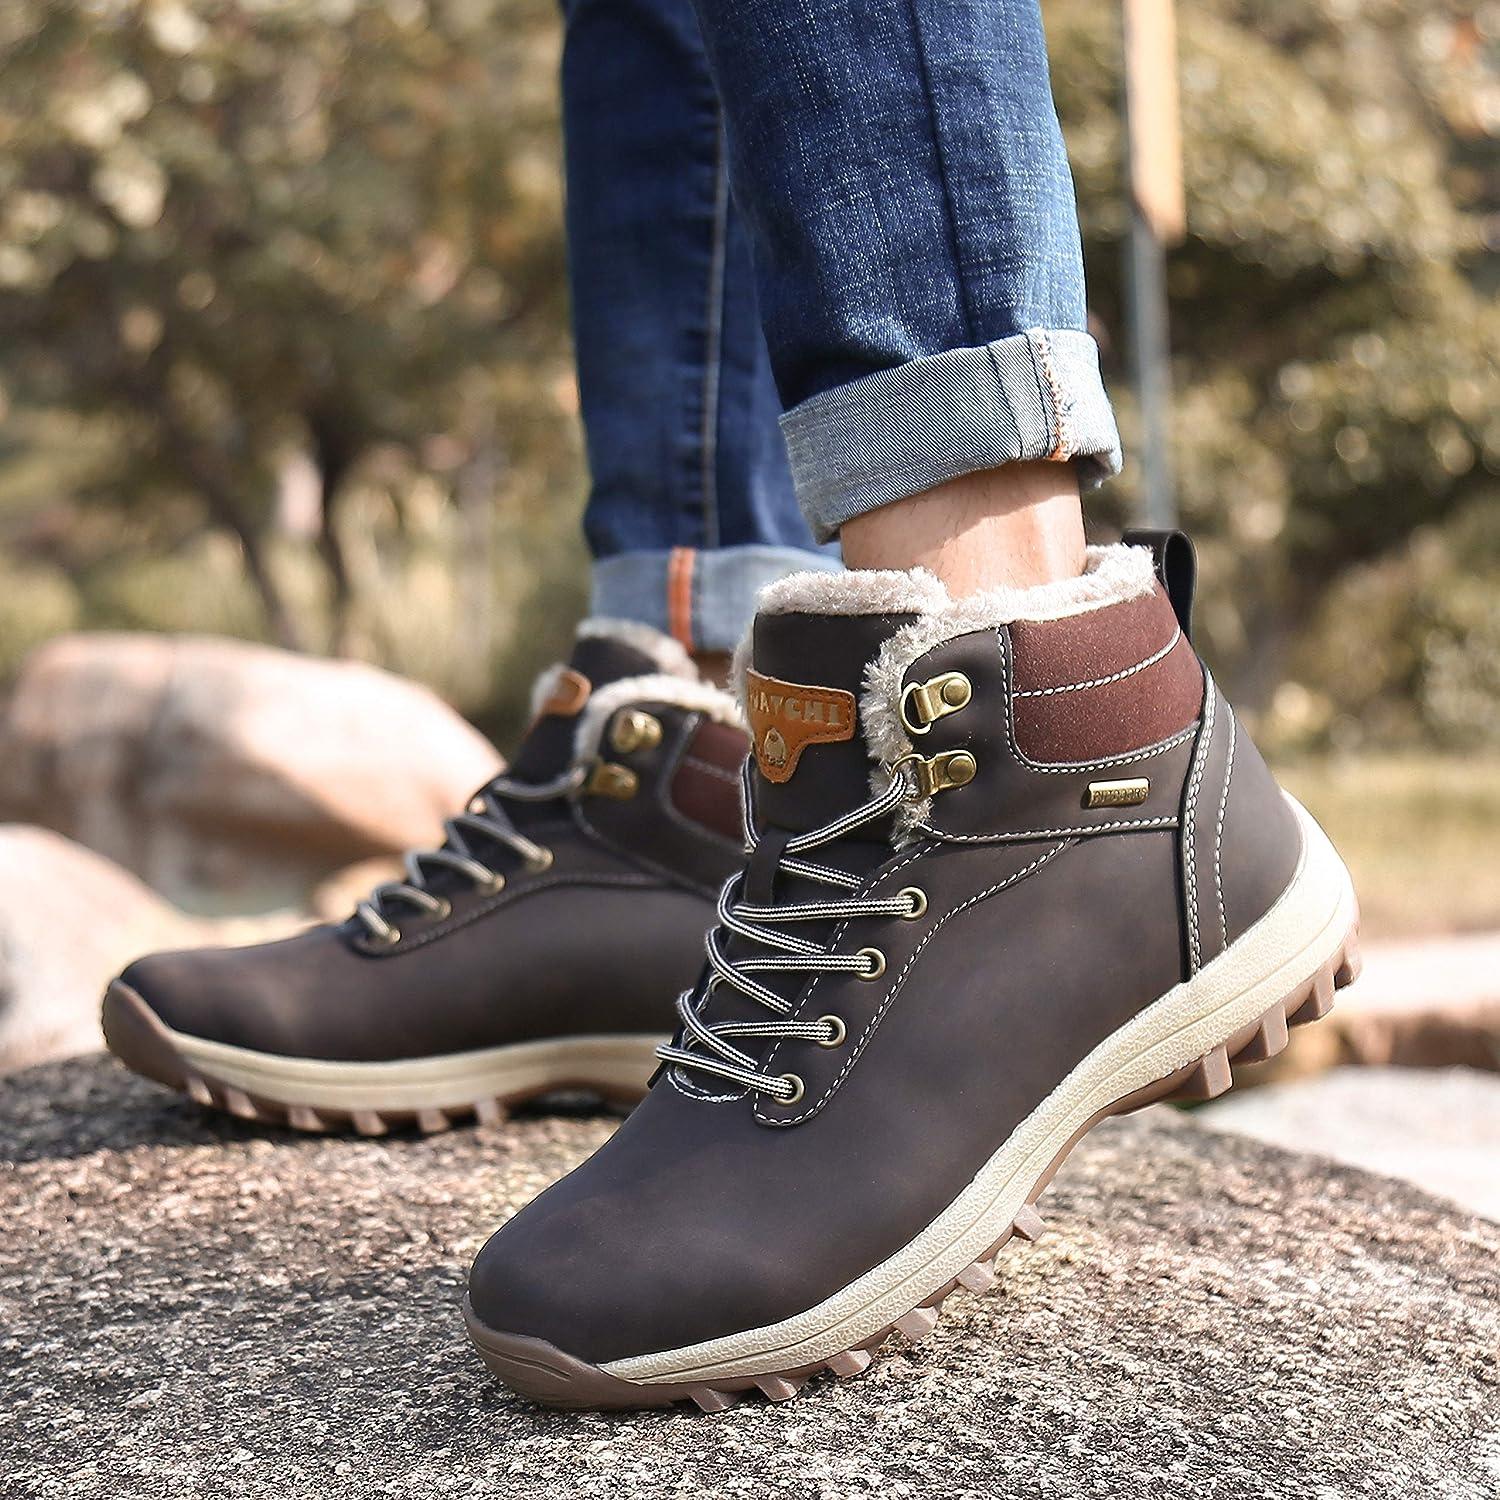 Chaudes L/ég/ère Antiderapante Mishansha Chaussures dhiver pour Homme et Femme